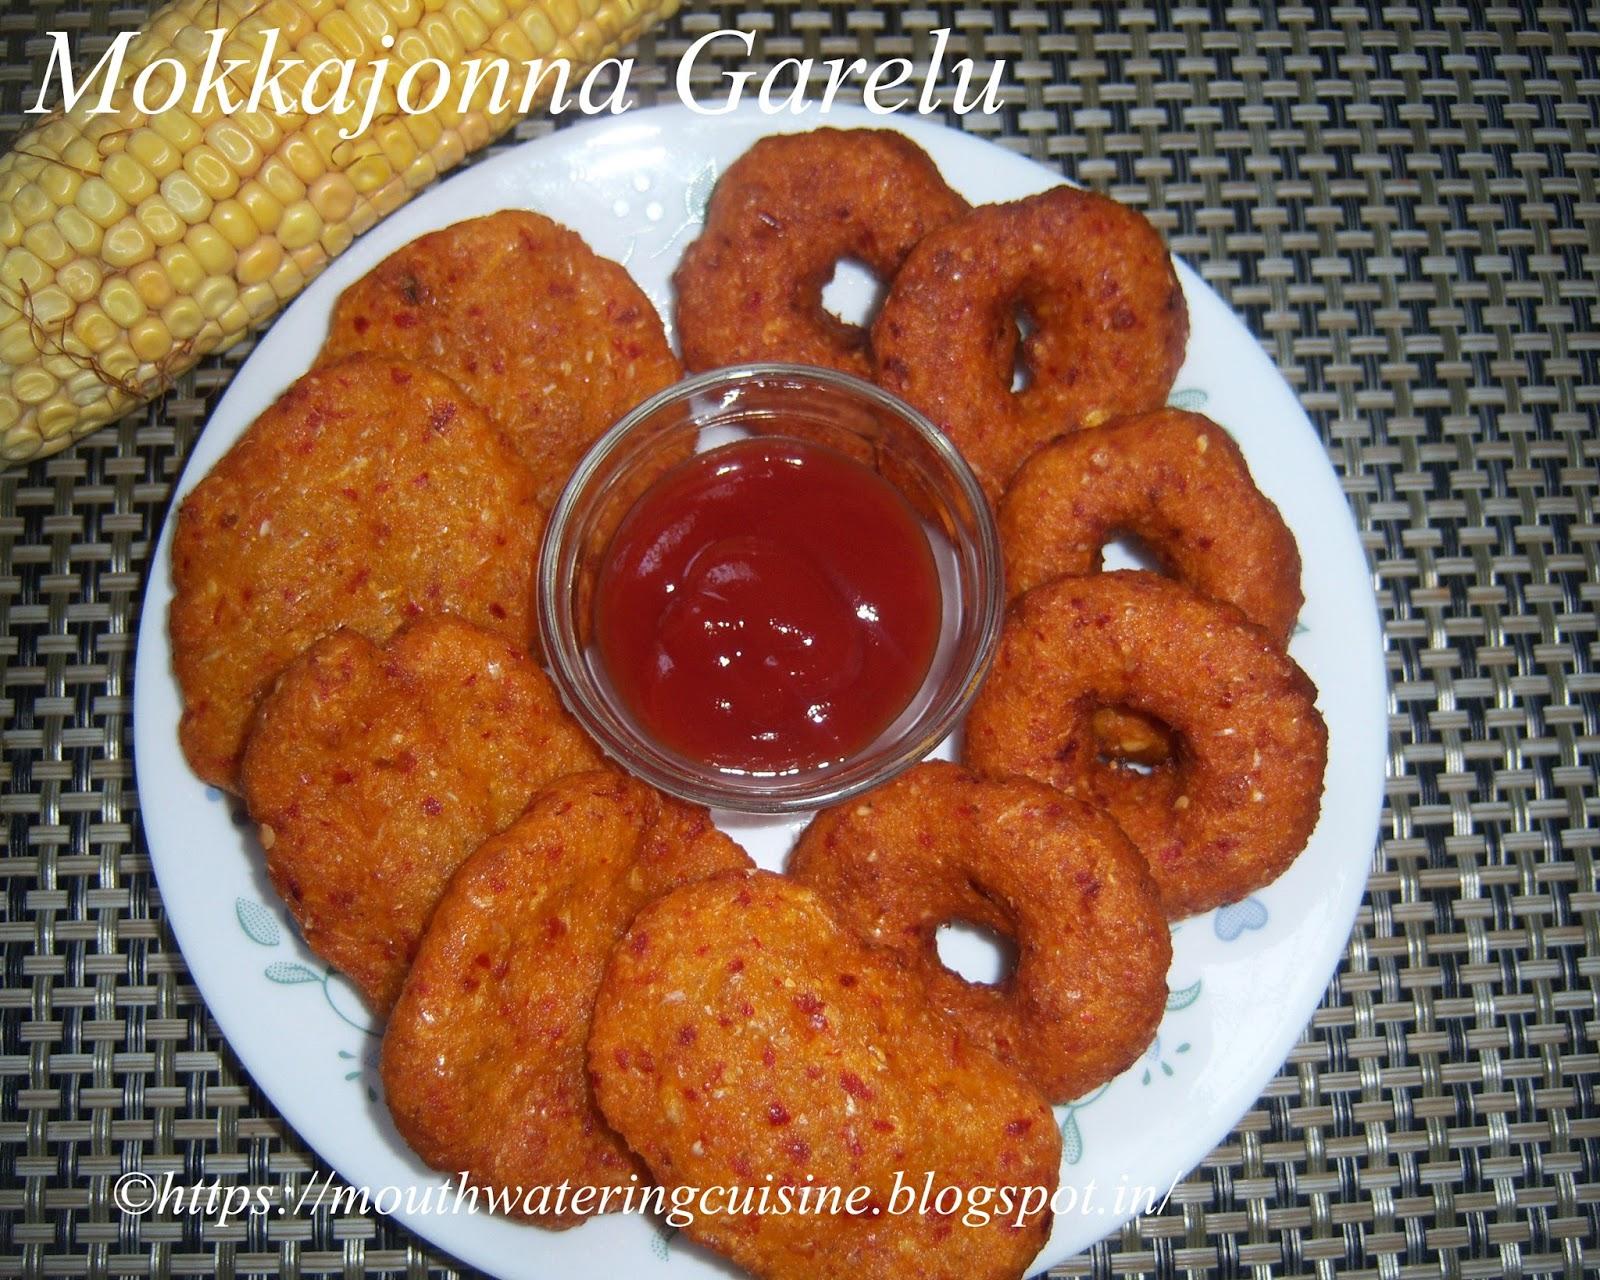 Mokkajonna Garelu